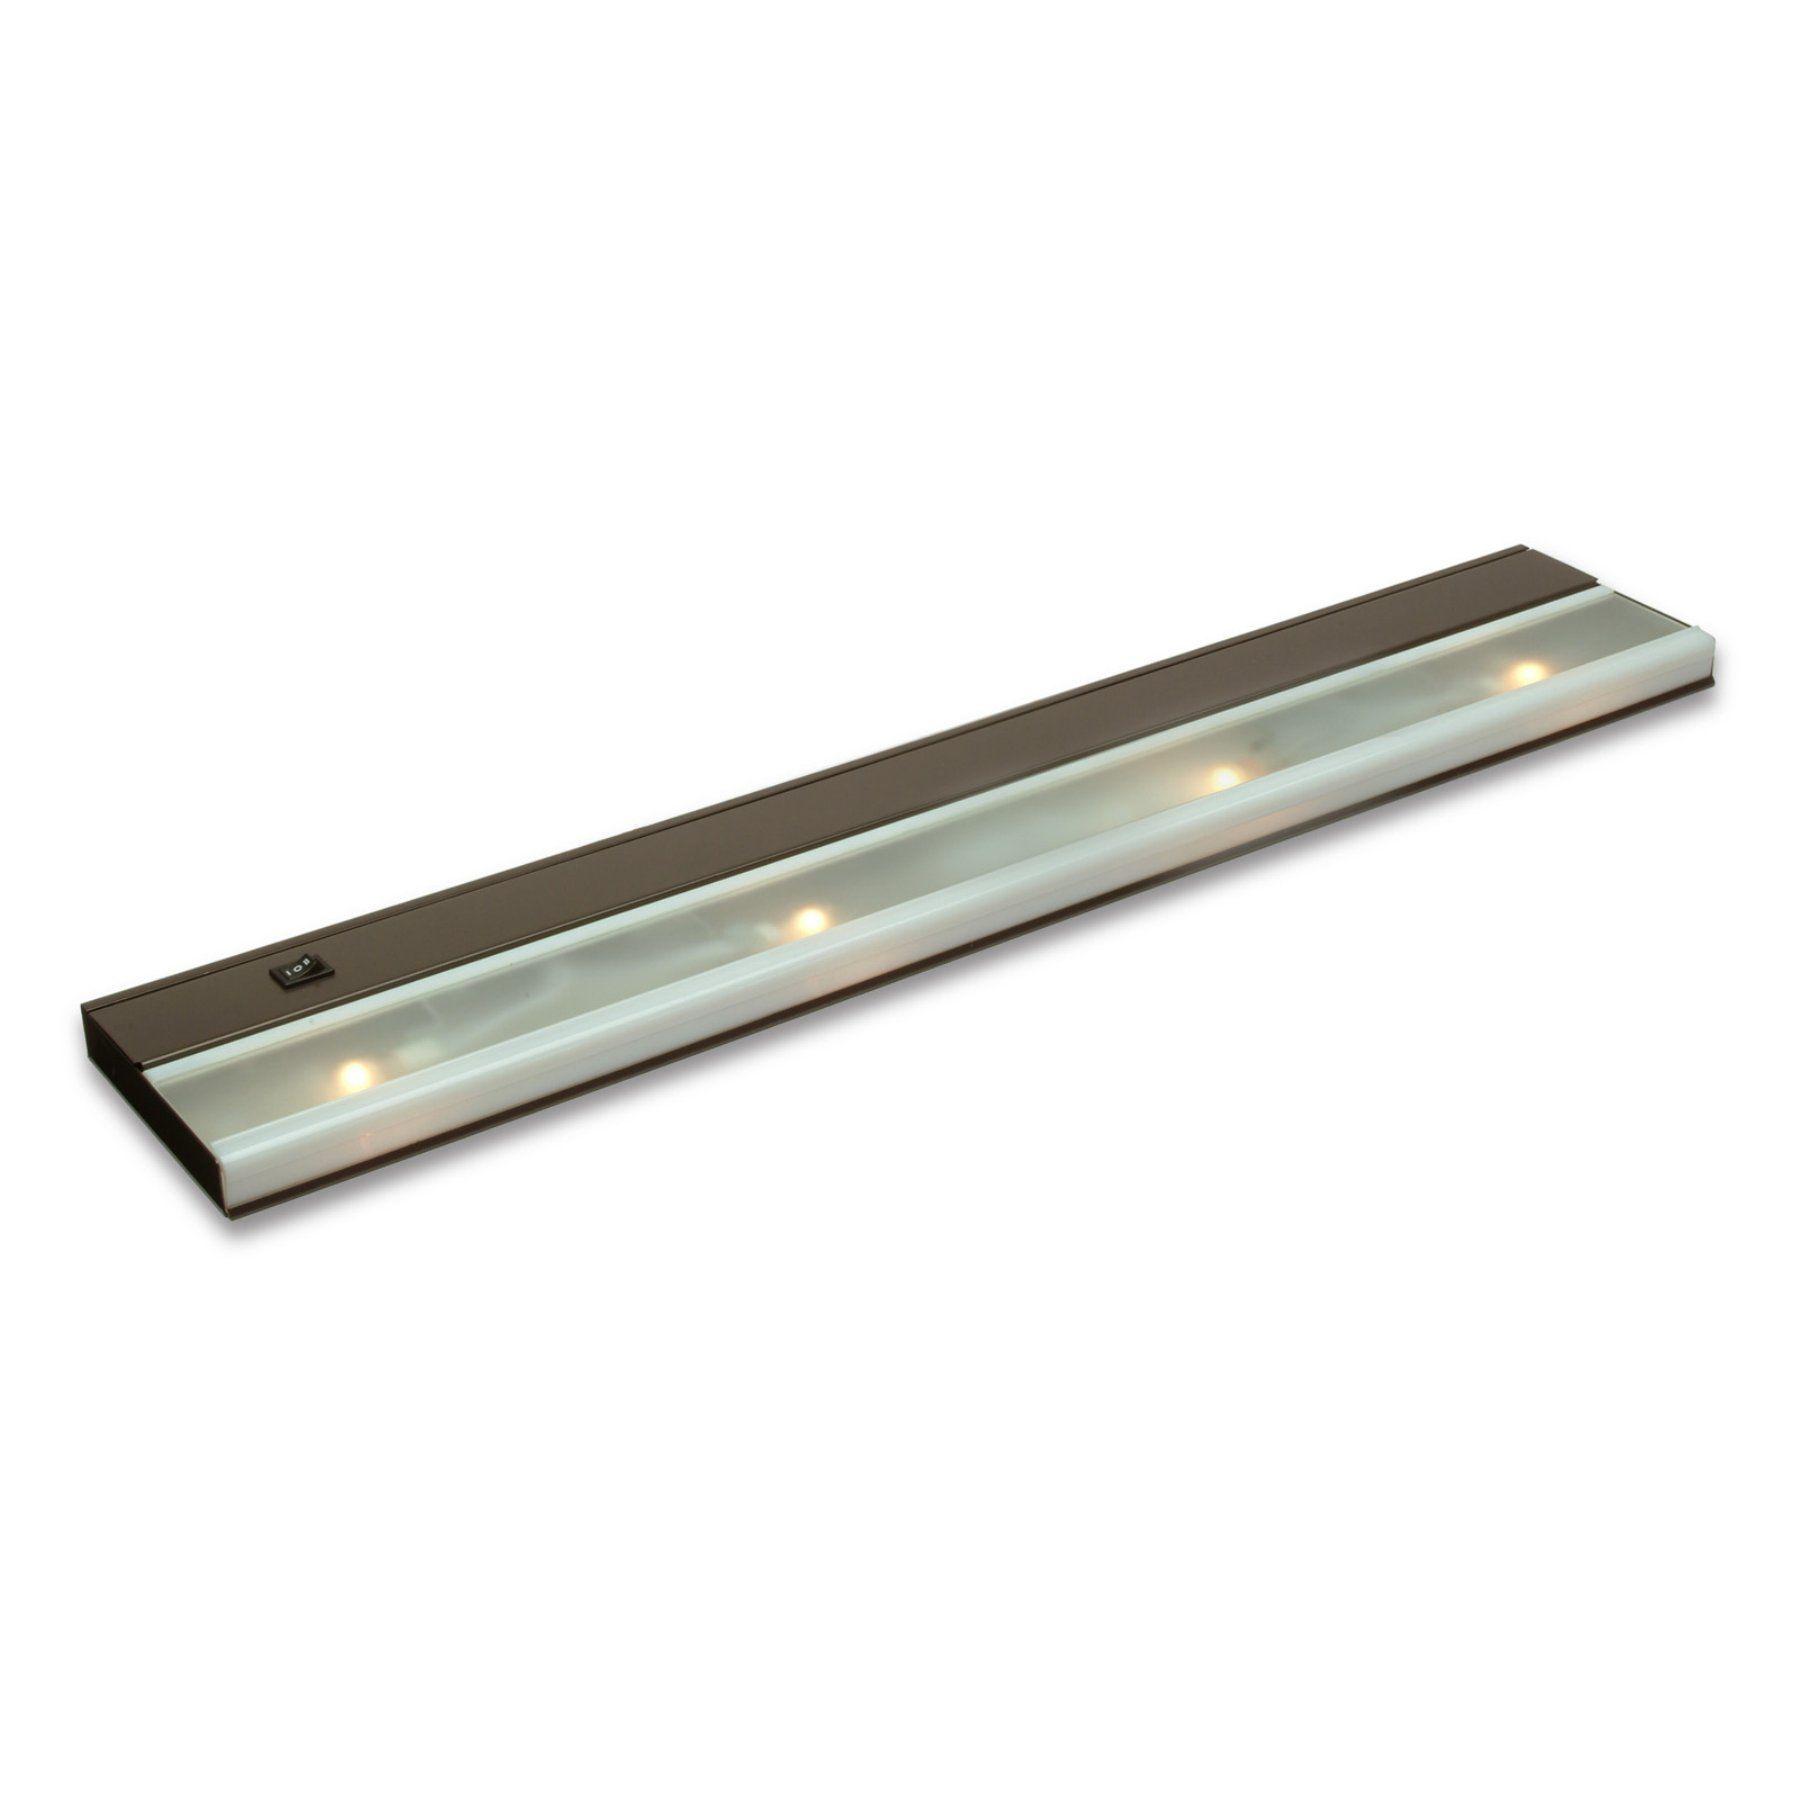 Kichler Direct Wire Low V Xenon Under Cabinet Light Bronze 10579bz